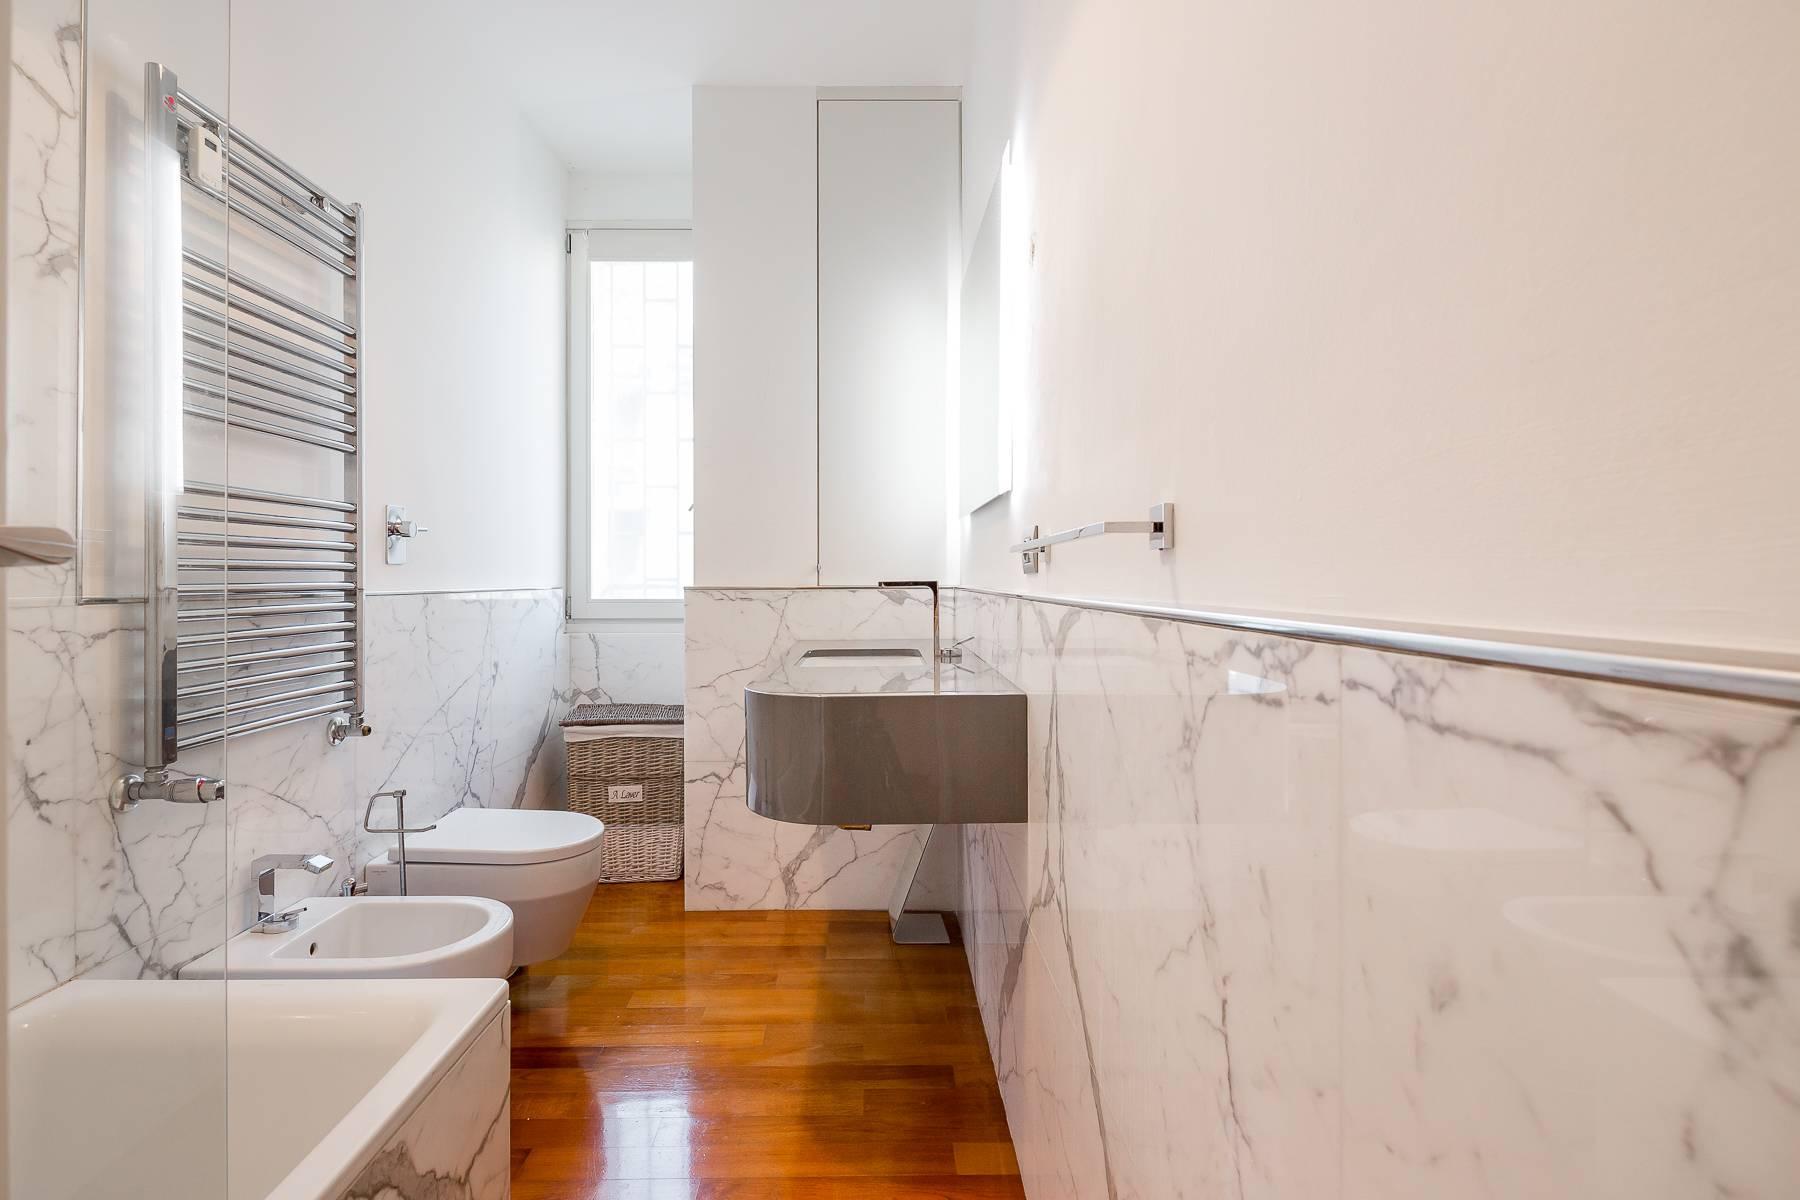 Renovierte Wohnung im Stadtviertel Ticinese/Darsena - 21